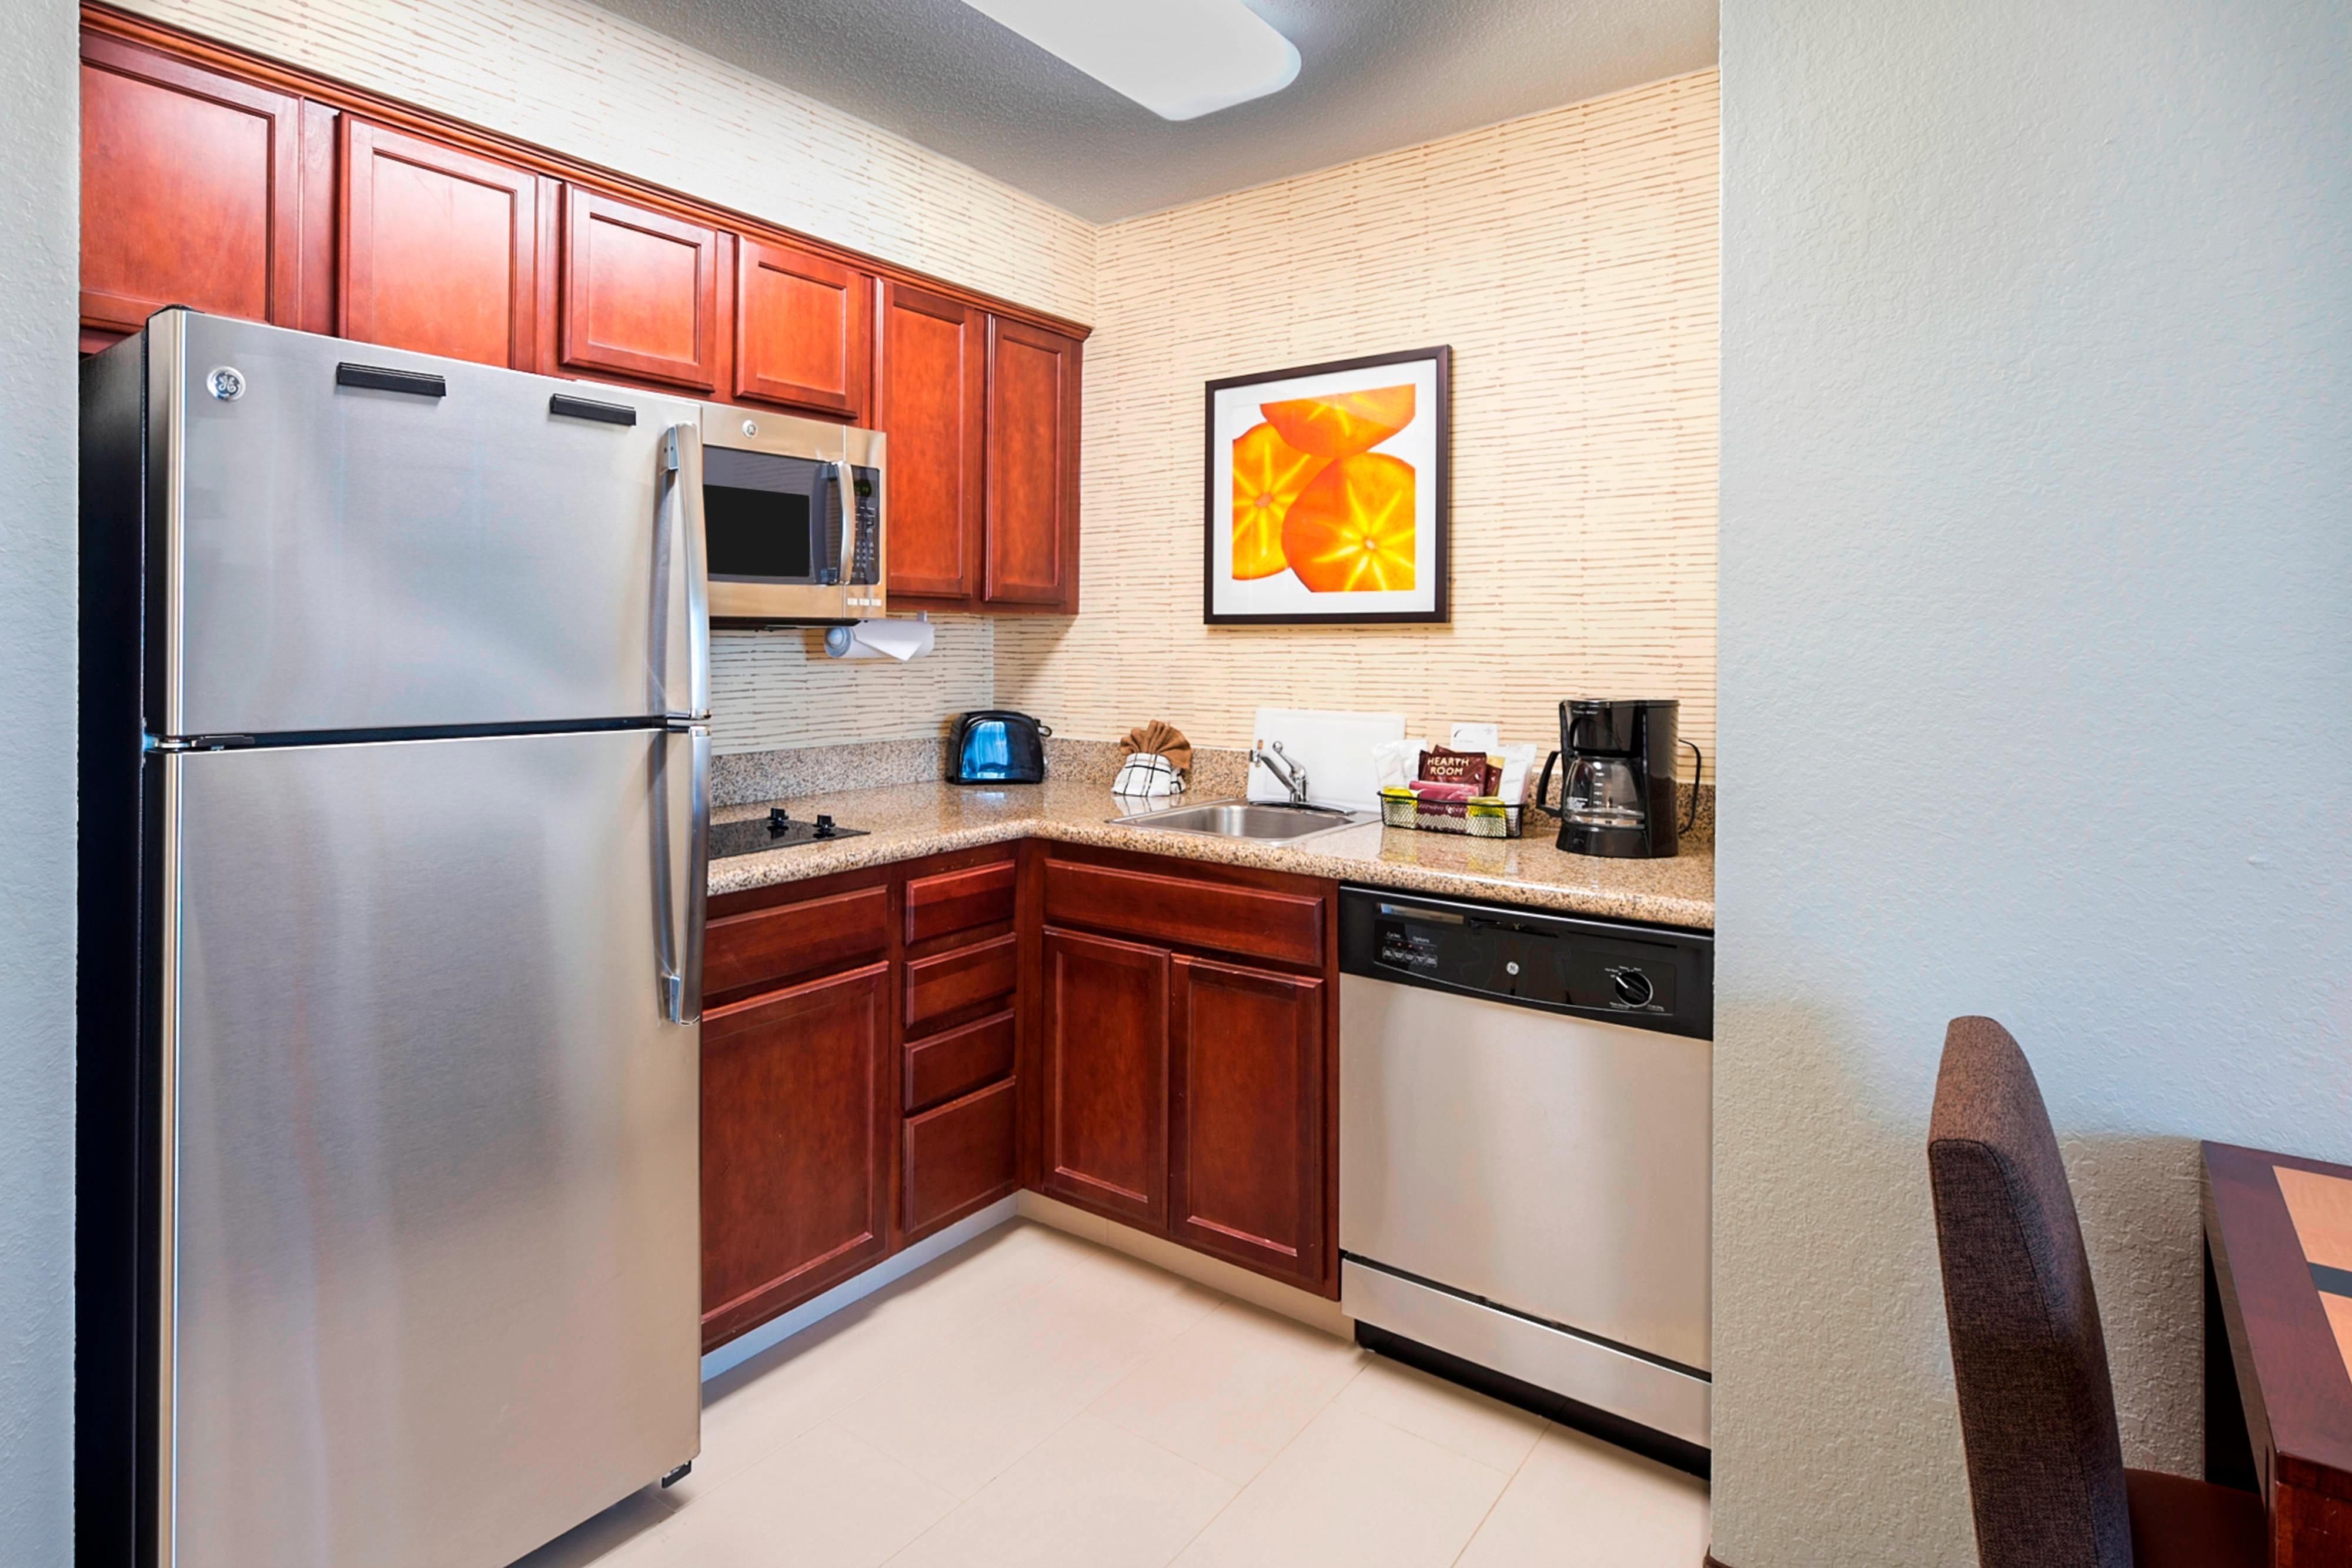 Residence Inn Lakeland kitchen